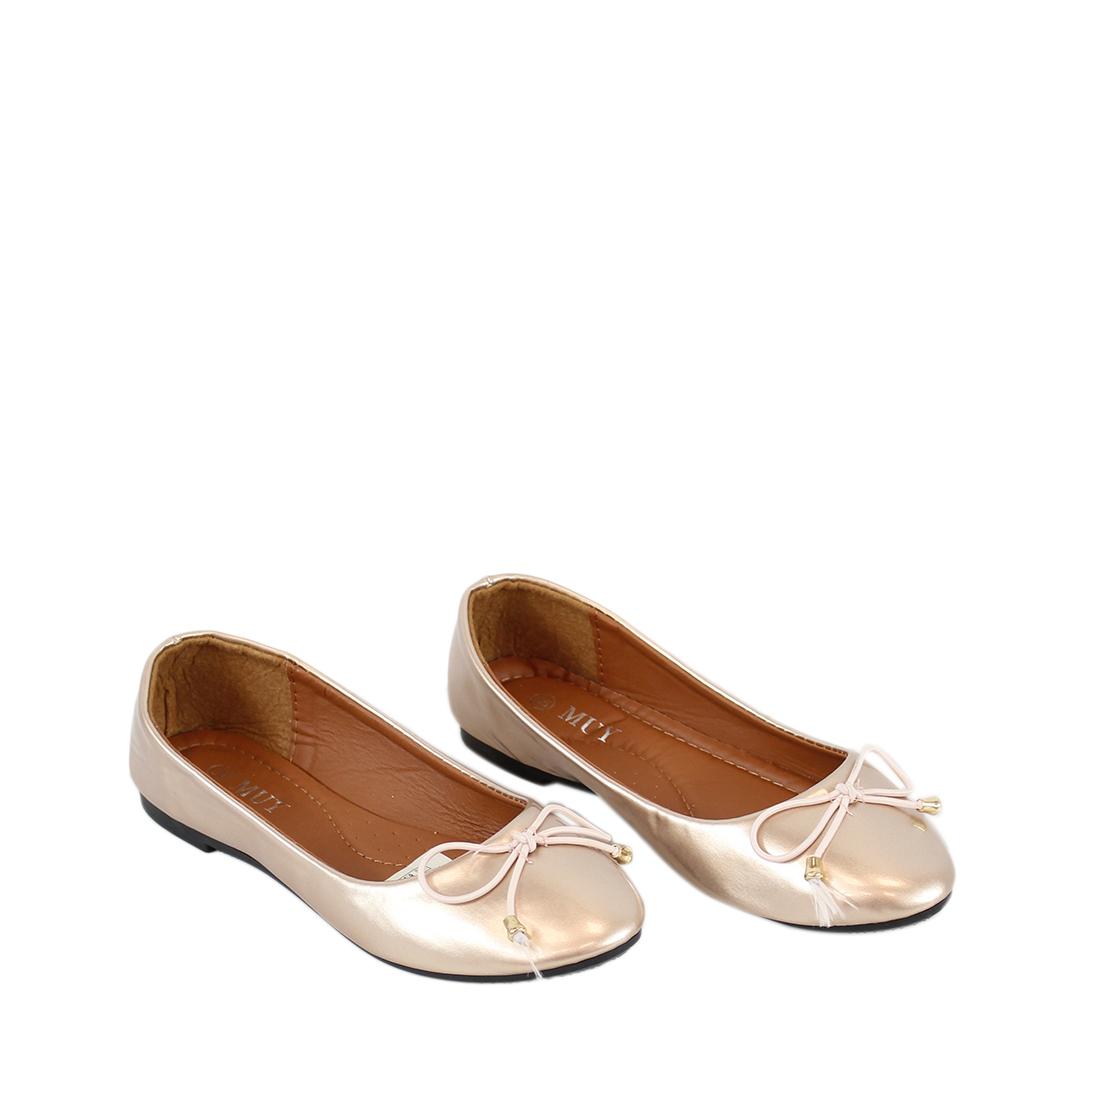 Flat plain shiny ballerinas with bow